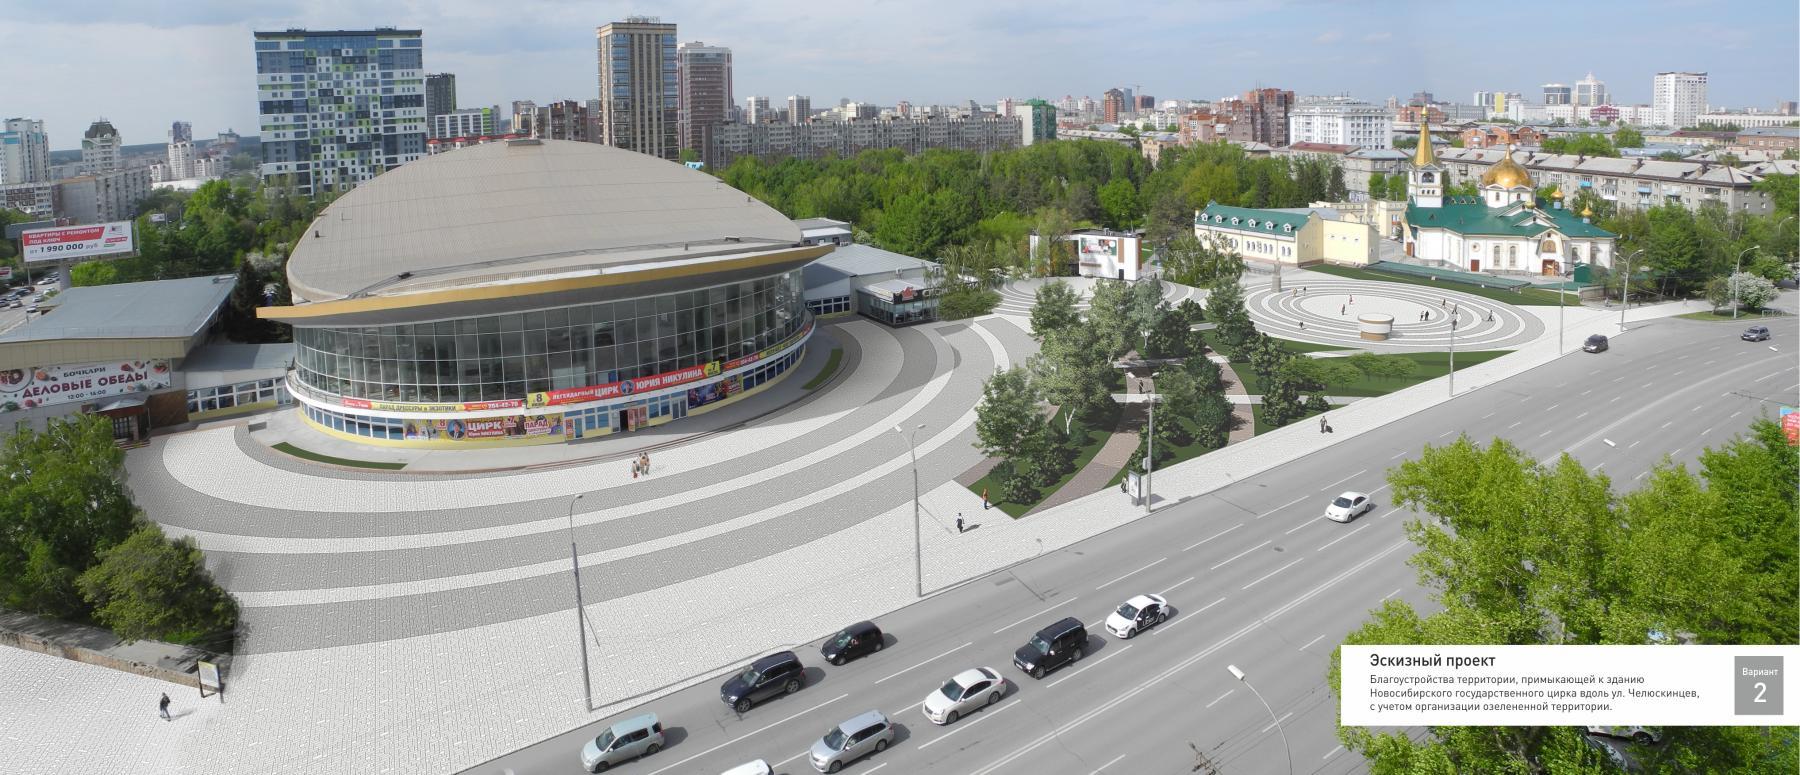 Фото Новосибирцы проголосовали за ликвидацию автопарковки возле цирка 3